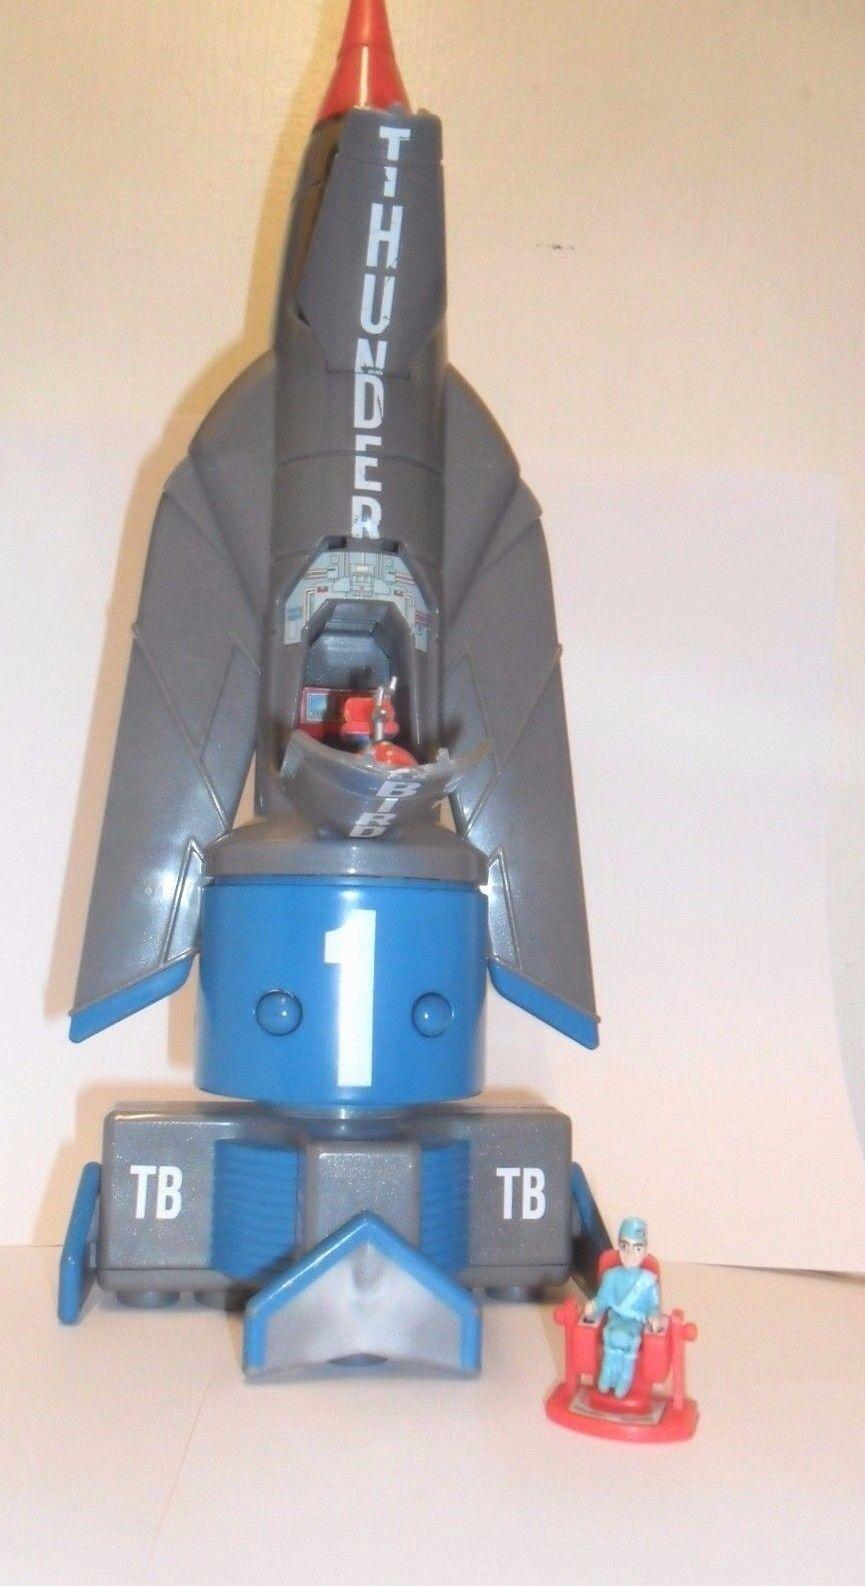 1 Raro Clásico Gran Tamaño THUNDERBIRD 1 complete todos los accesorios y figura